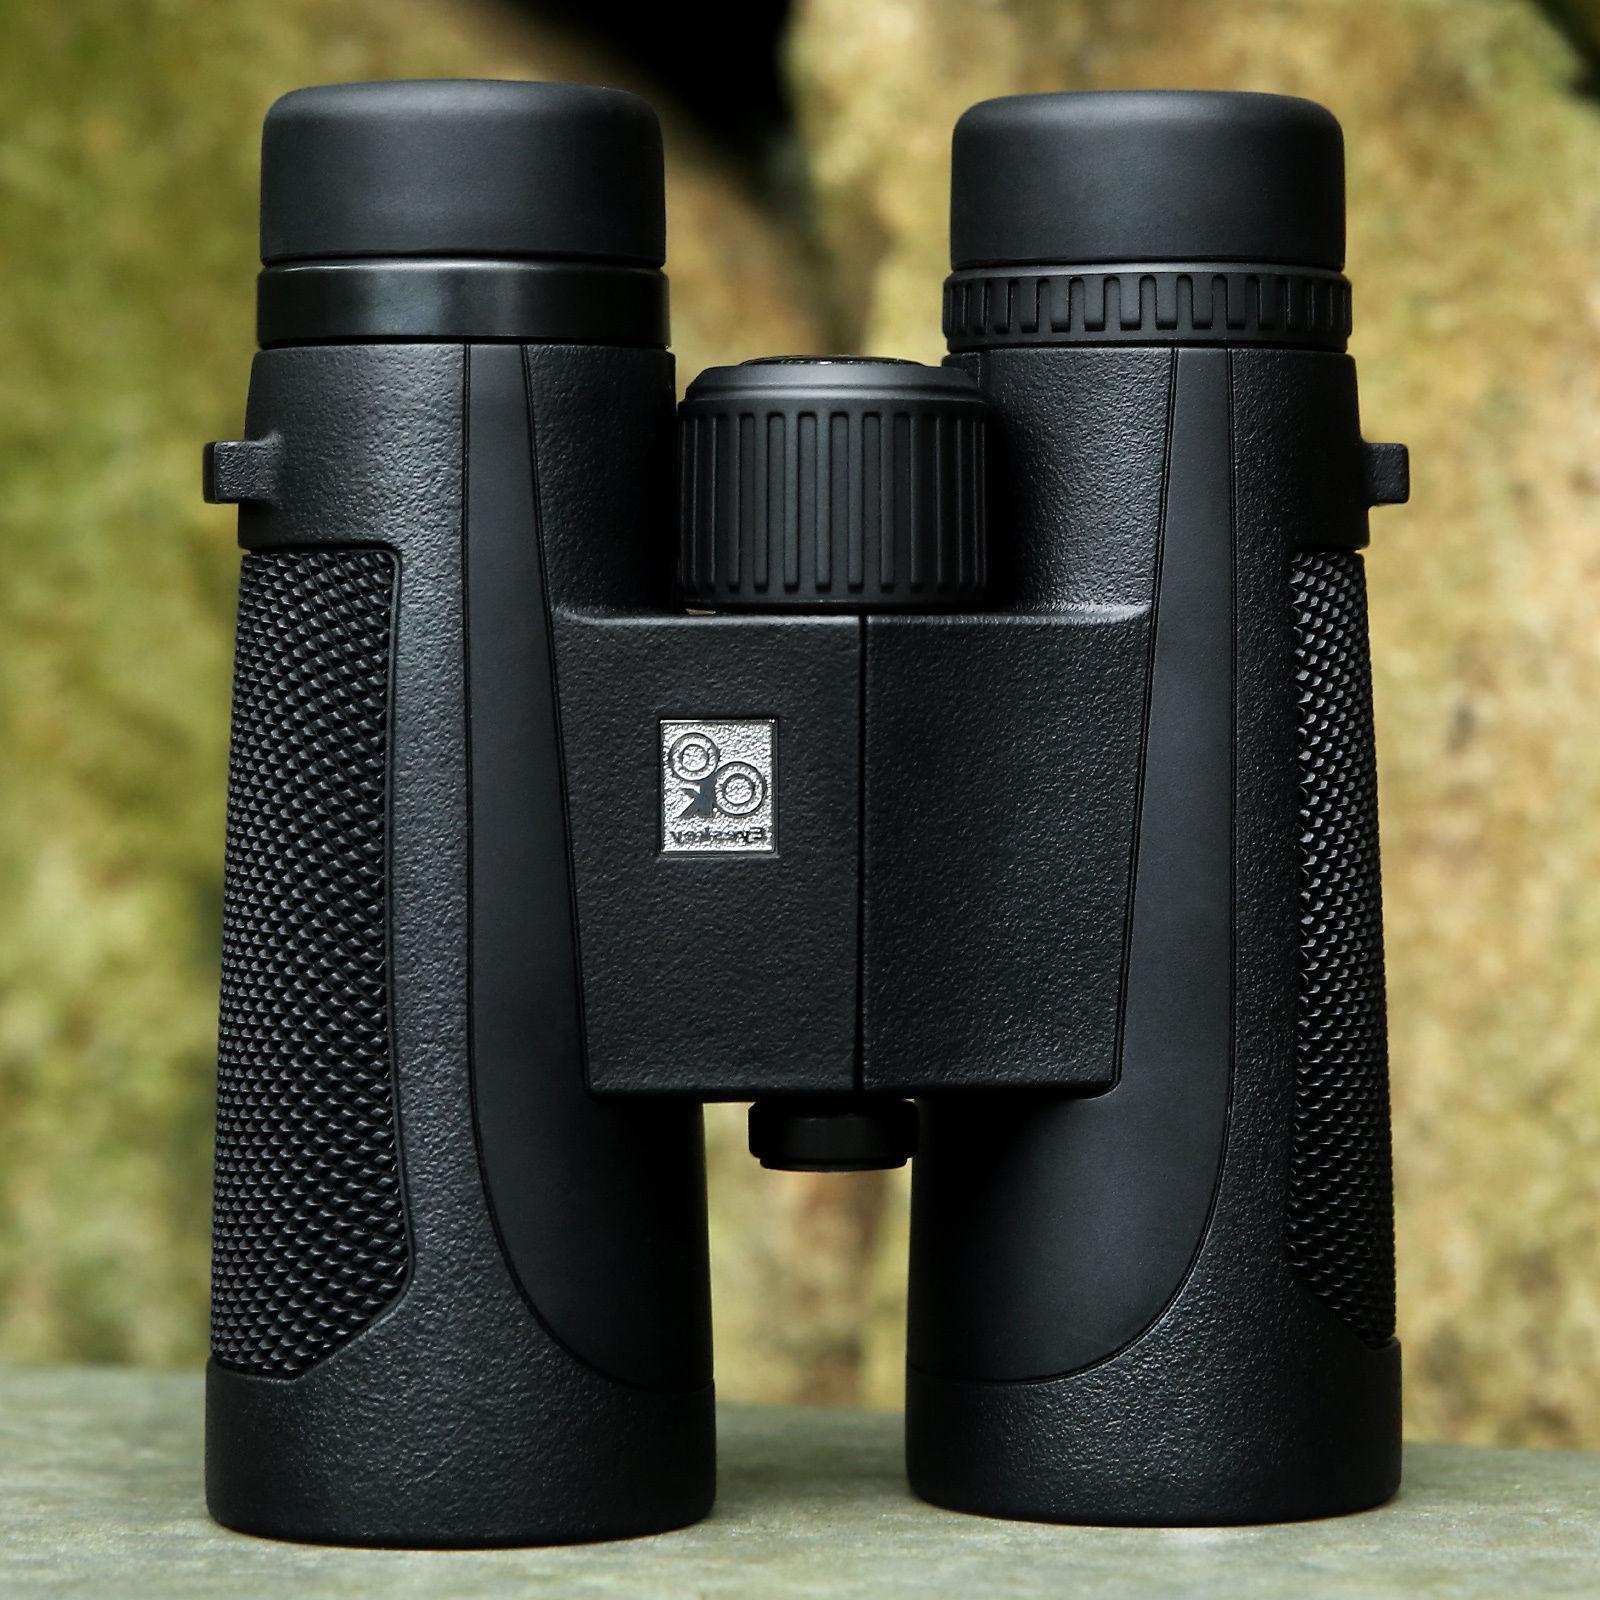 Eyeskey Waterproof 10X42 Professional US